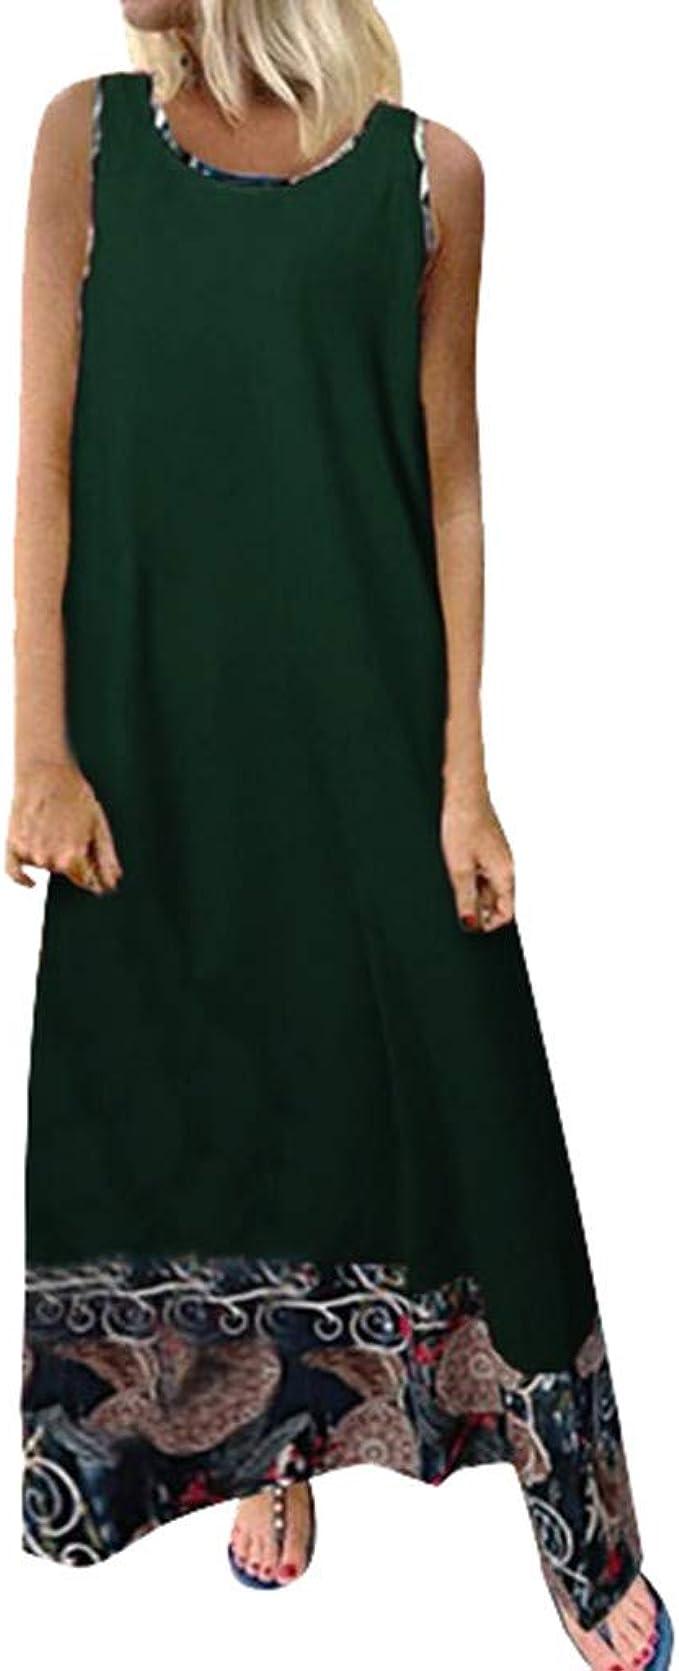 Sylar Verano Mujer Casual Largos, Vestidos Playa Mujer Verano 2019 Vestidos De Algodón Color Sólido para Mujer Vestidos Largos De Fiesta Mujer Sin Manga Vestidos De Noche Cuello Redondo: Amazon.es: Ropa y